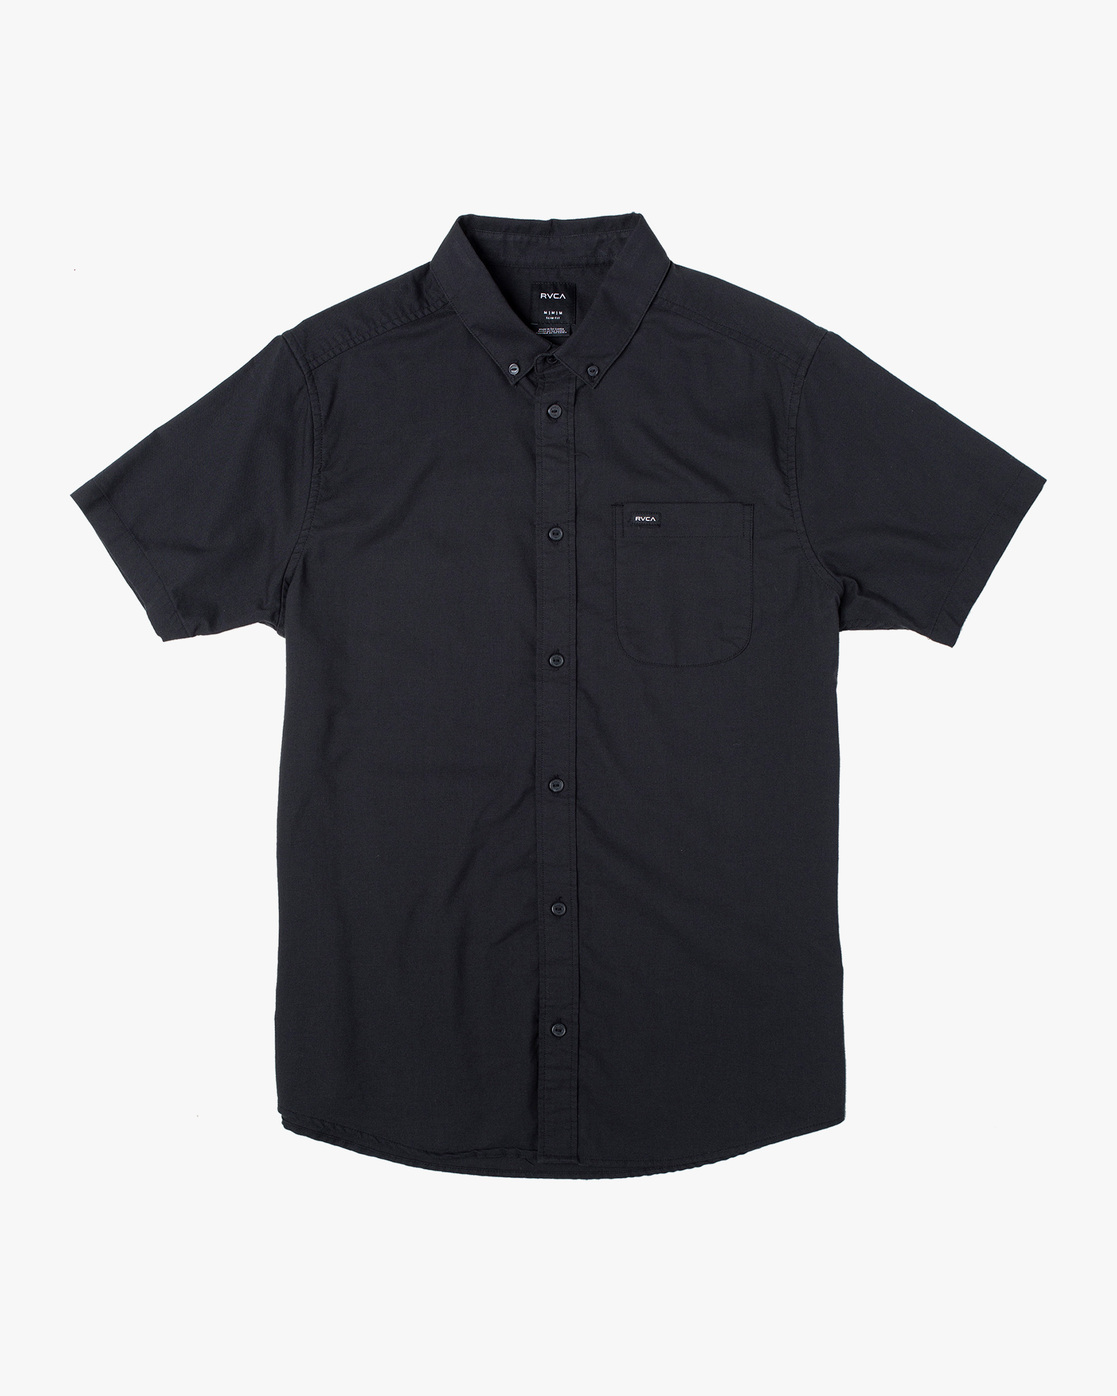 0 That'll Do Stretch Button-Up Shirt Black M501VRTD RVCA